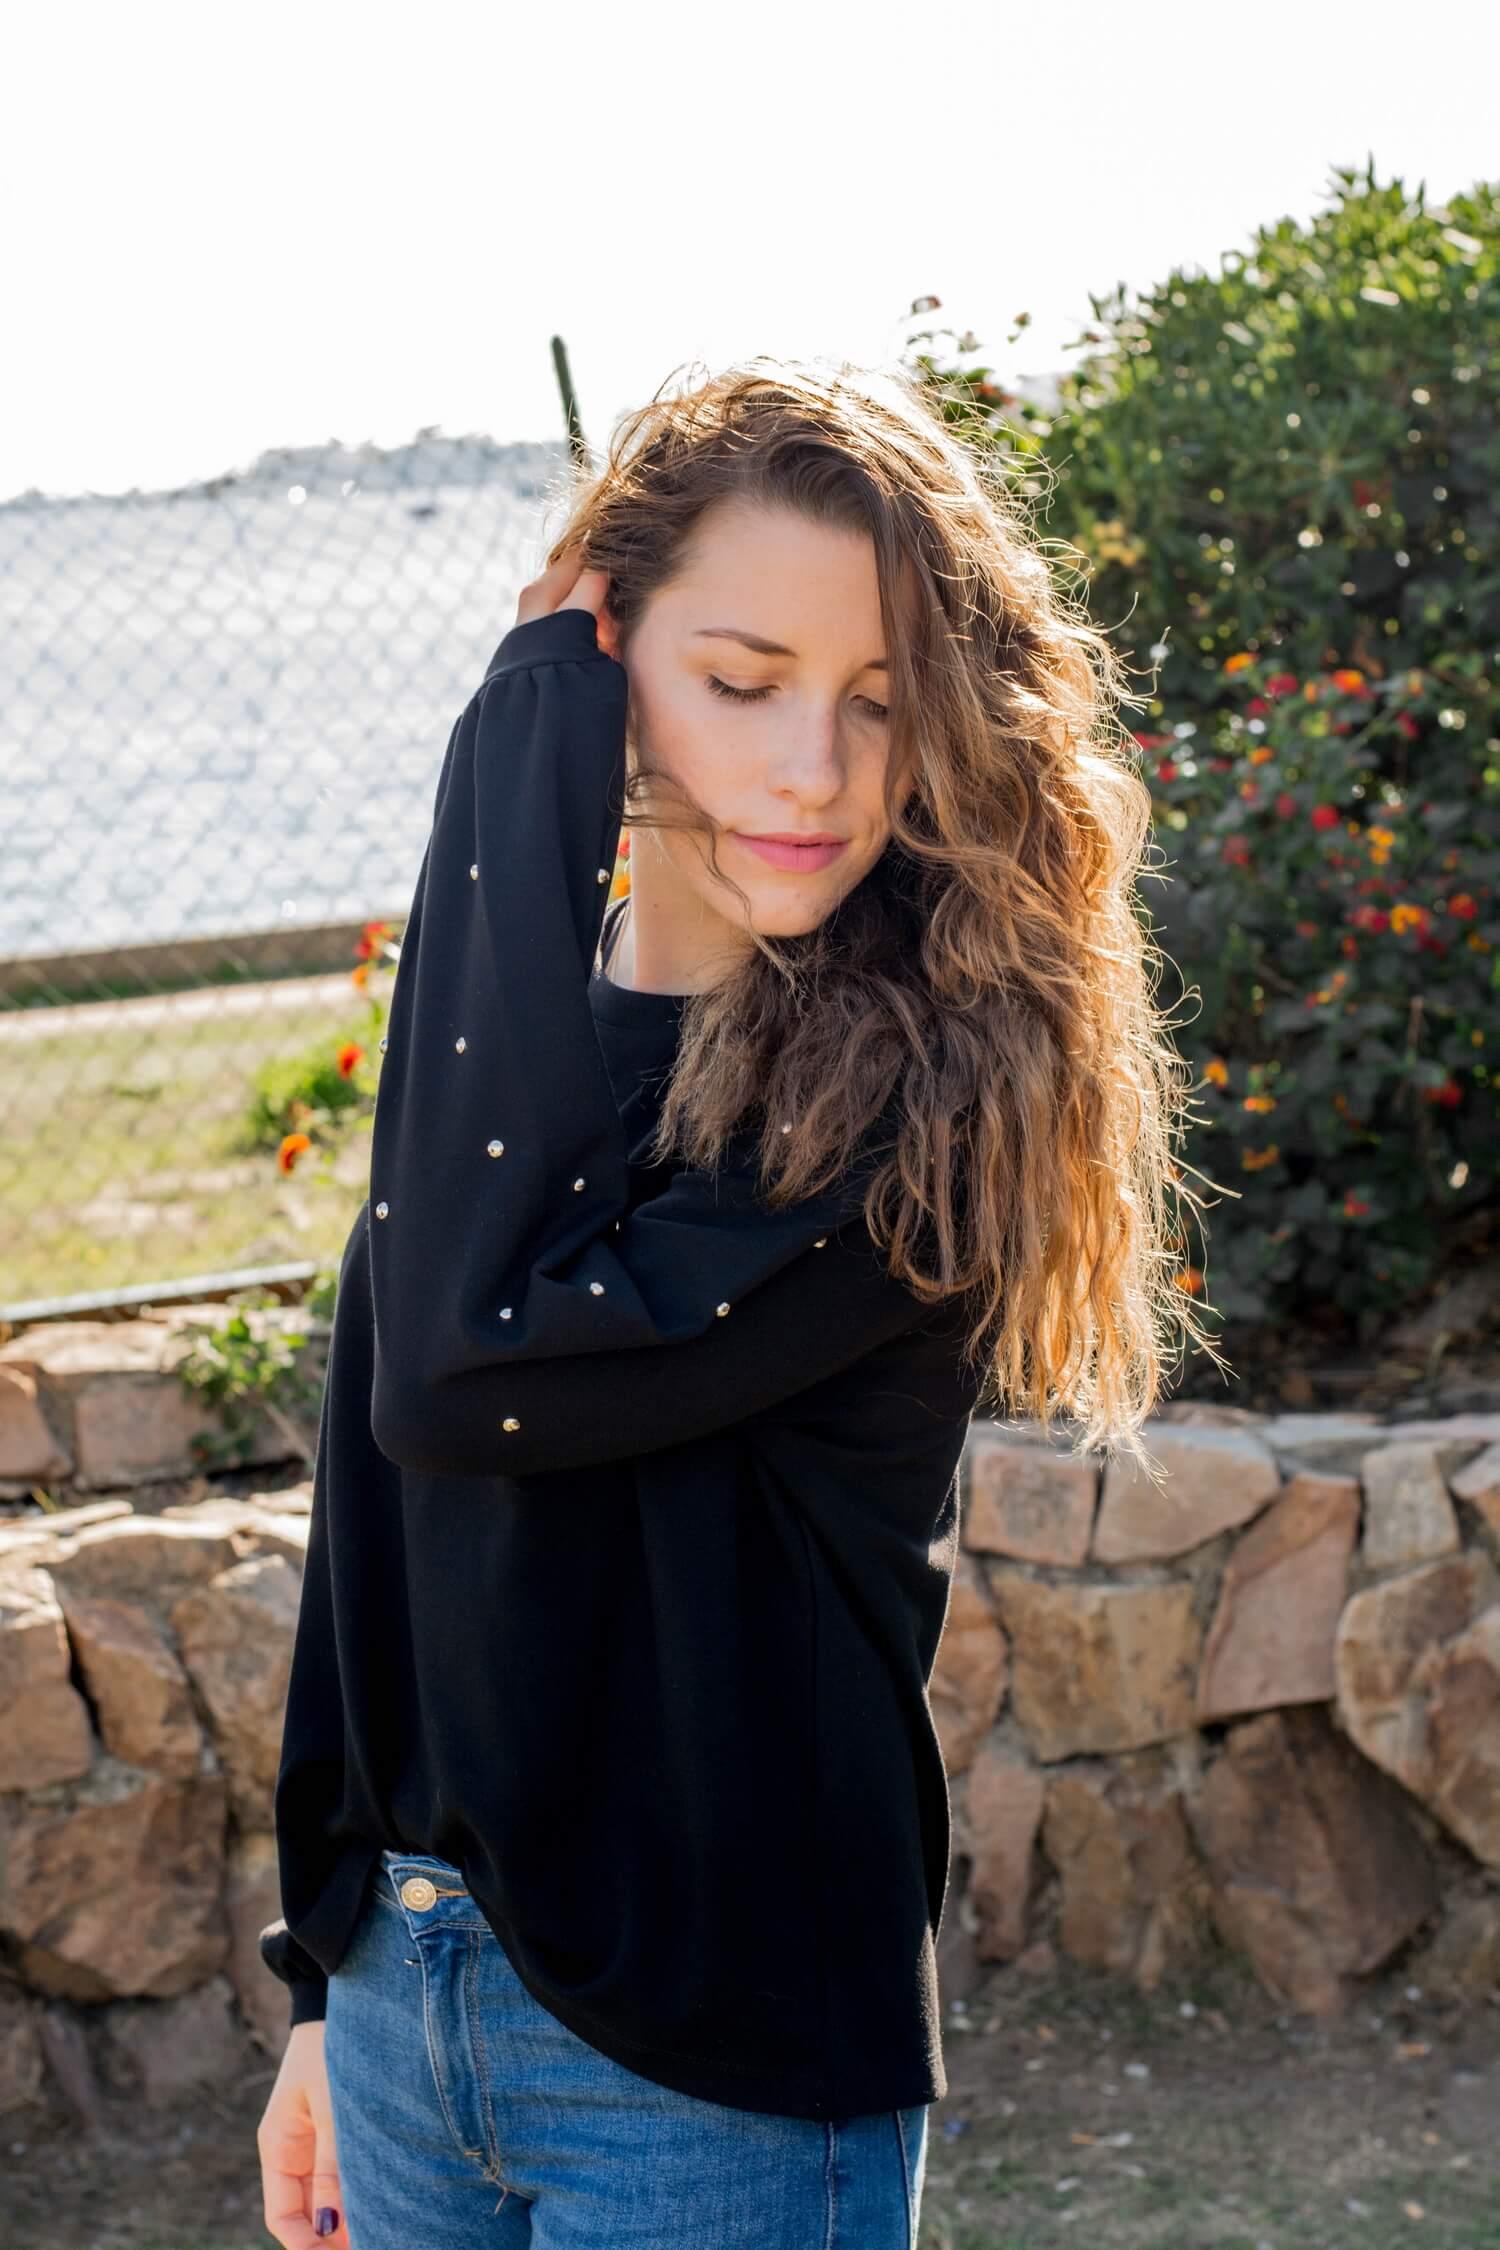 C'est le retour des cuissardes à talons Gemo sur happinesscoco.com avec cette nouvelle tenue